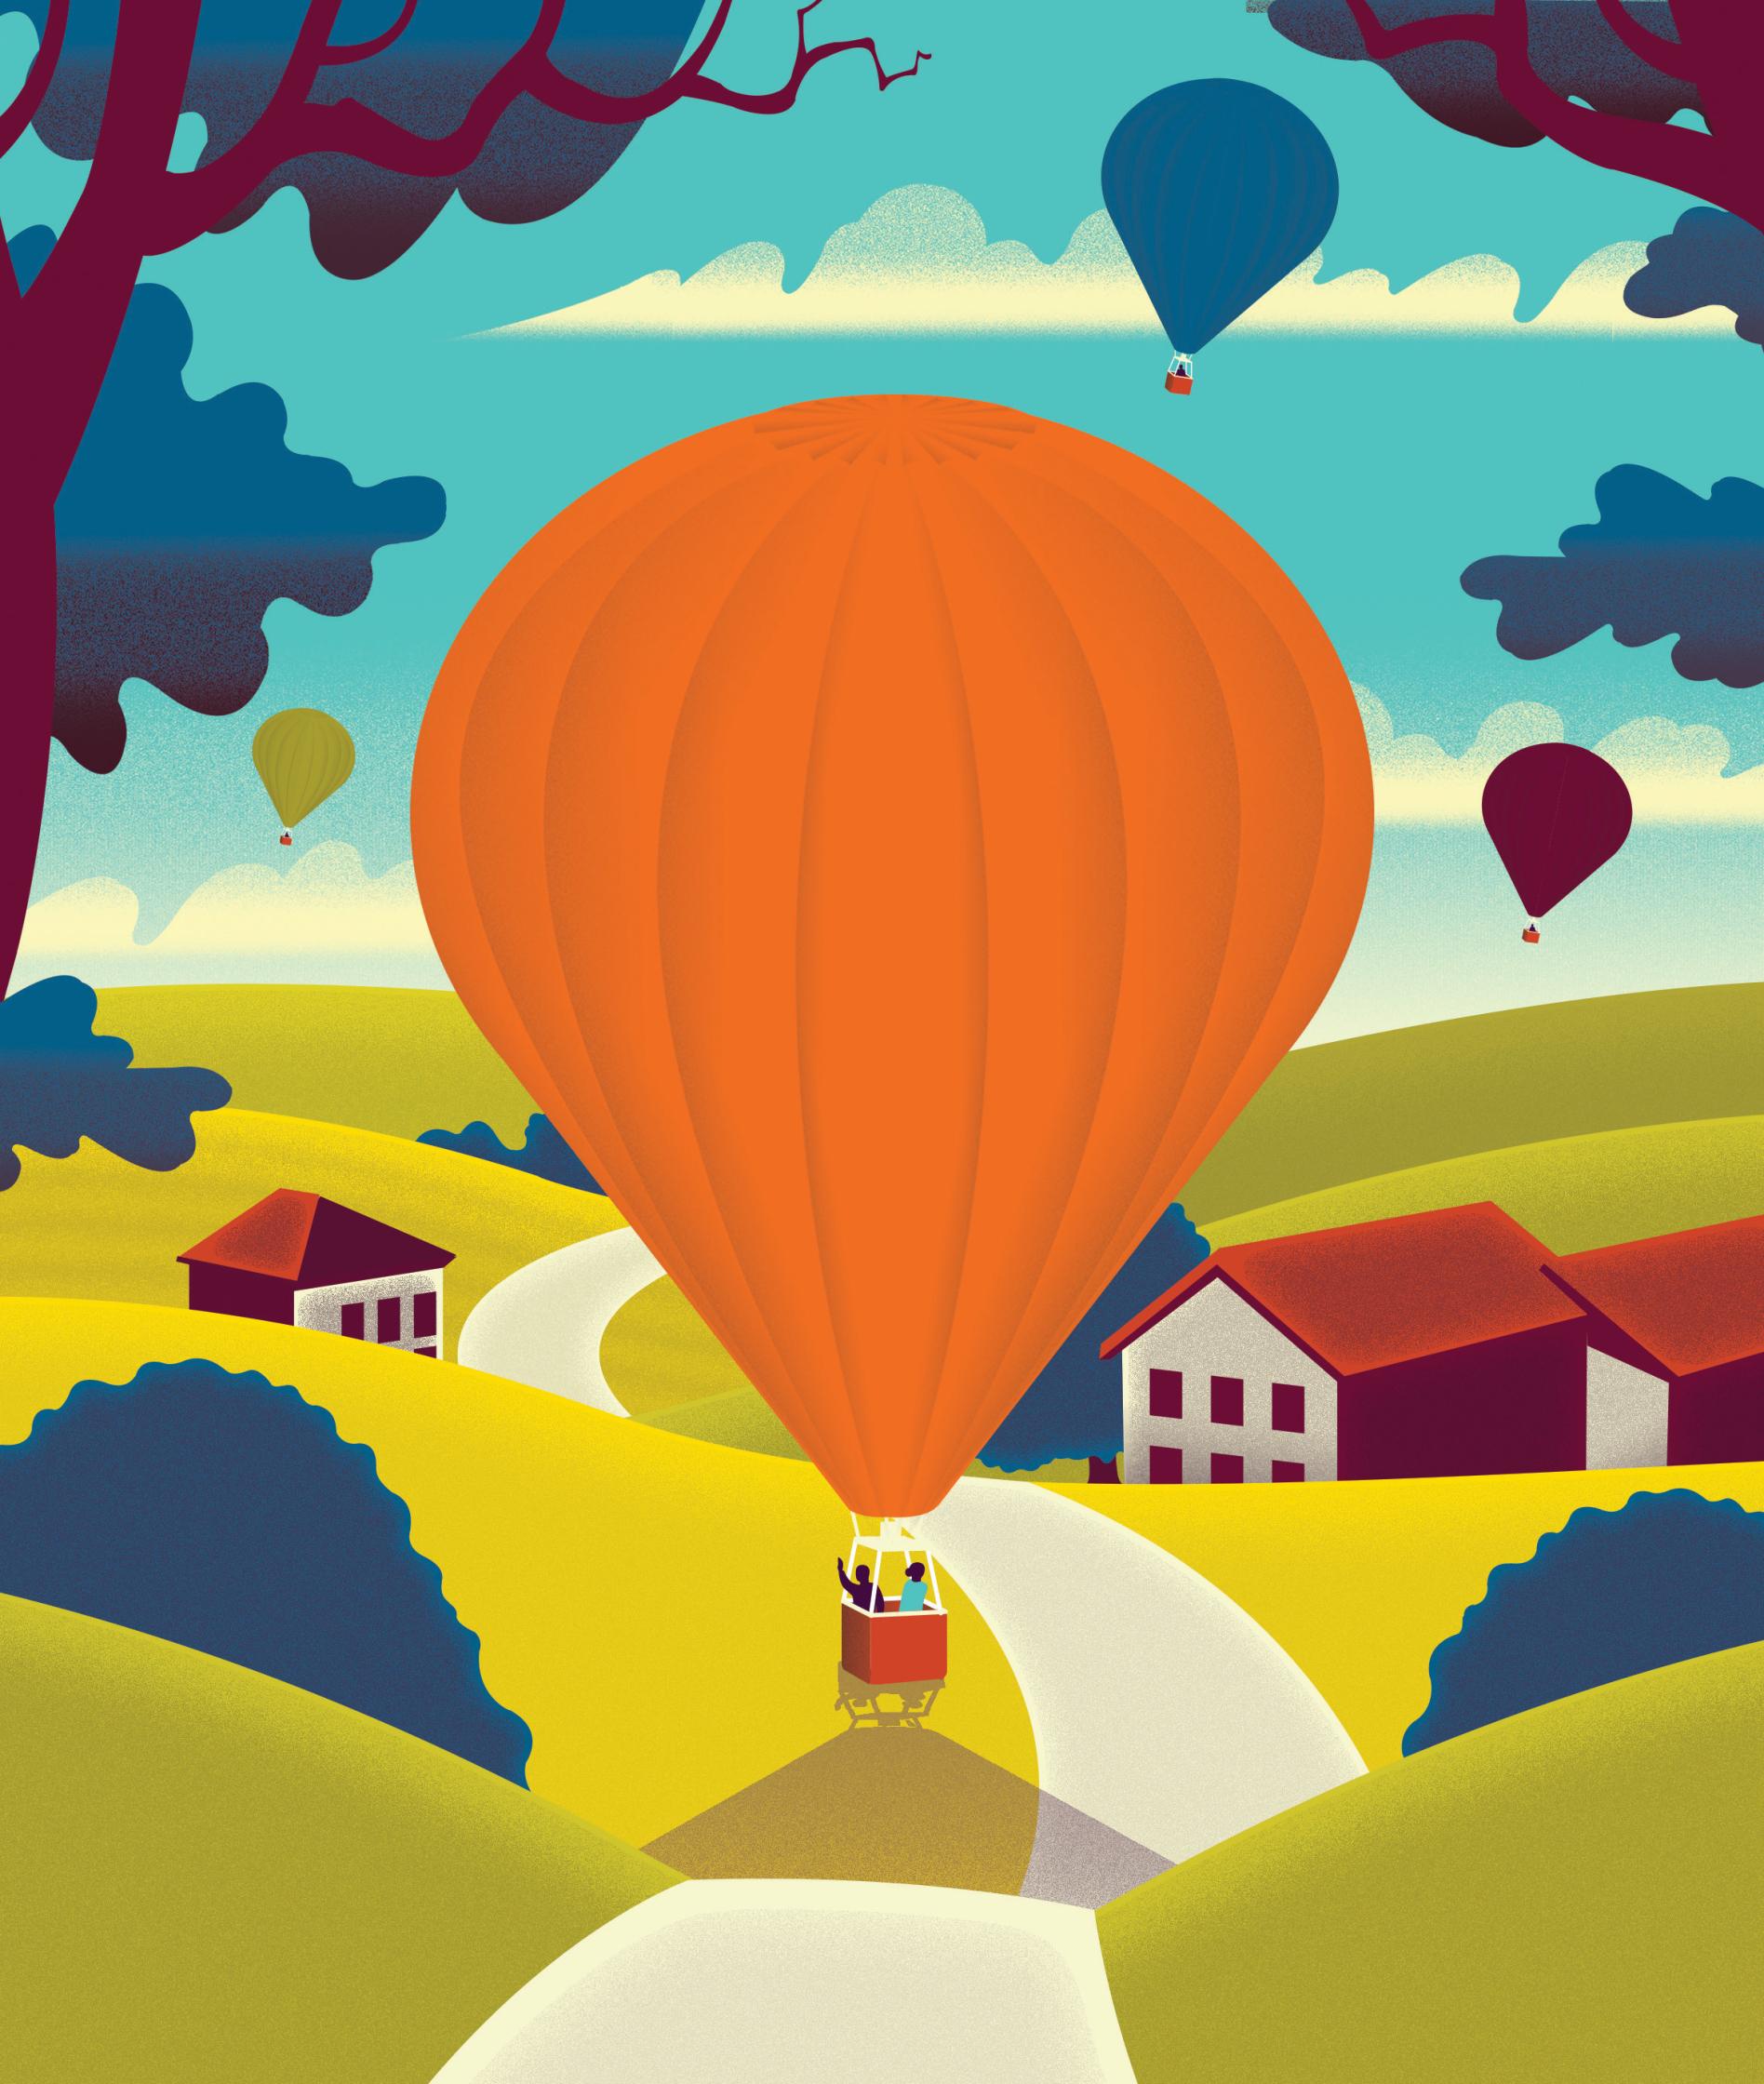 Frontline_balloons.jpg